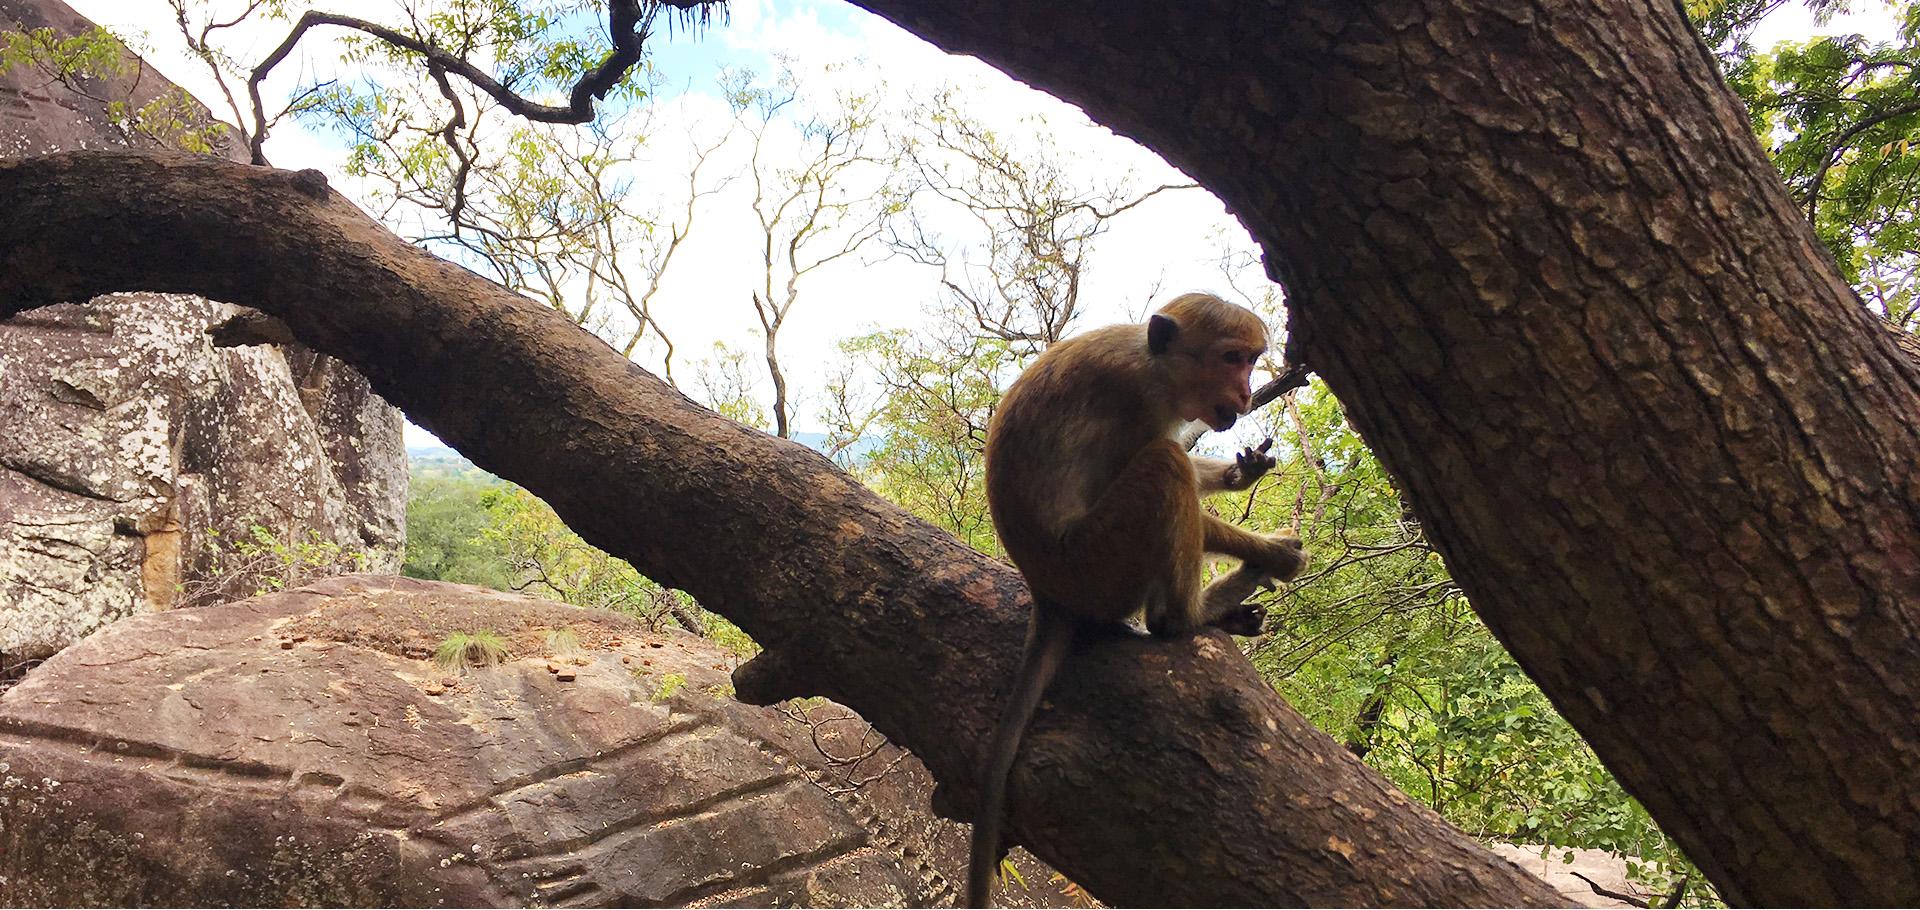 Sri Lanka Adventure (małpka) - wyjazd nagrodowy